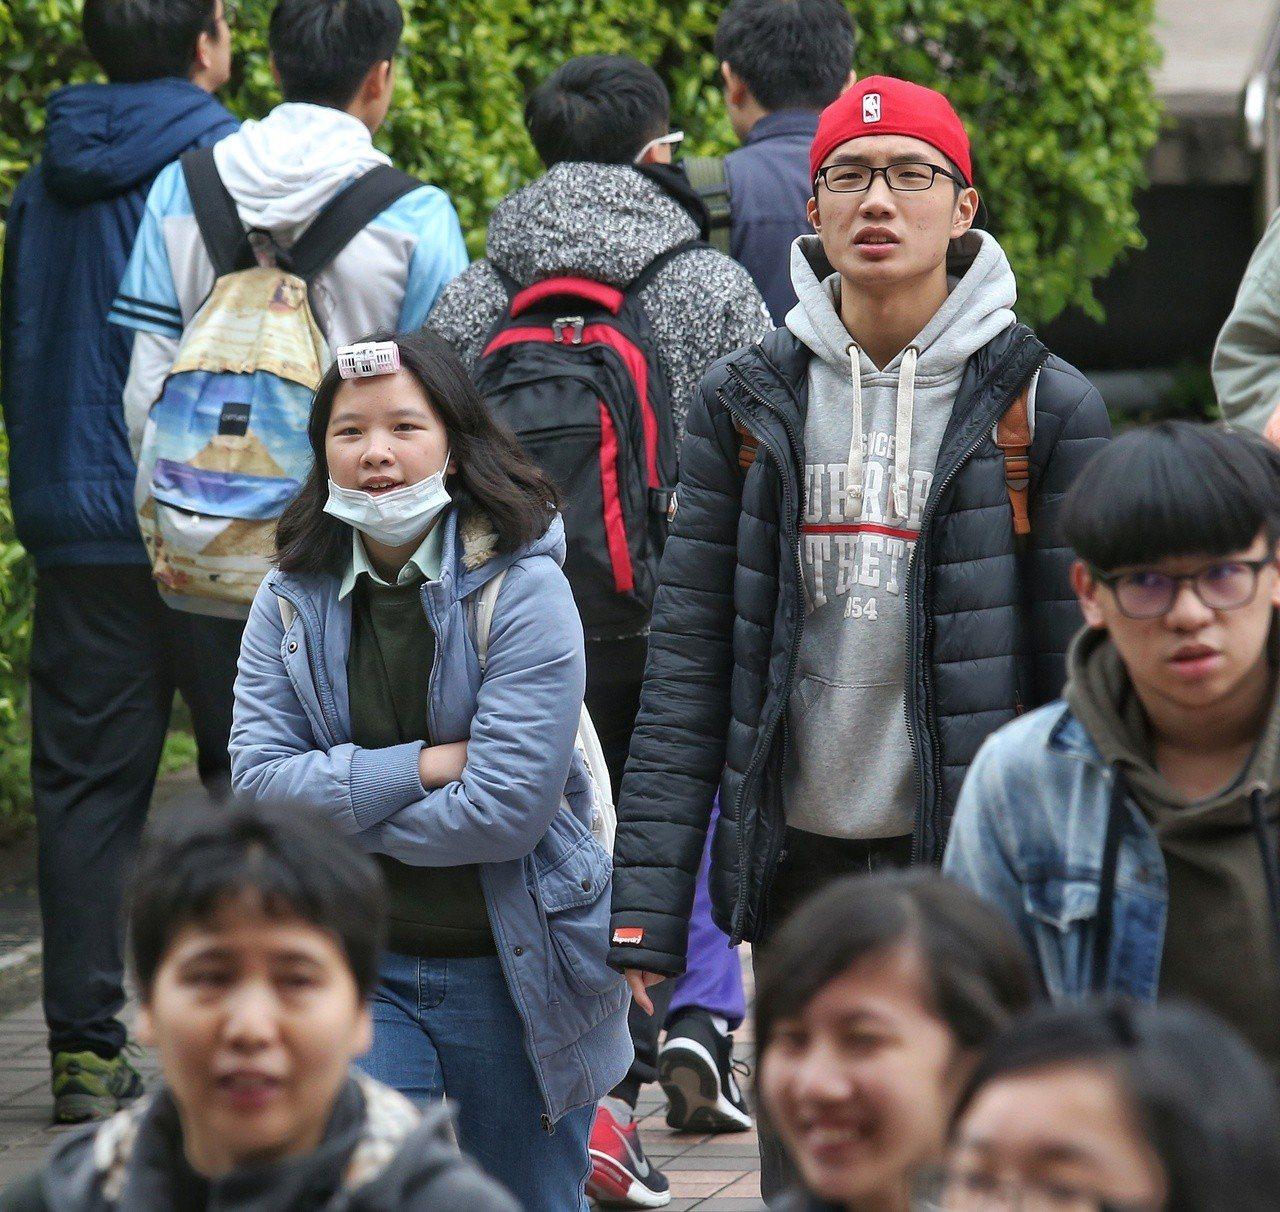 107年學測考生戴著口罩穿著厚外套,寒風中拚金榜。聯合報系記者鄭清元/攝影